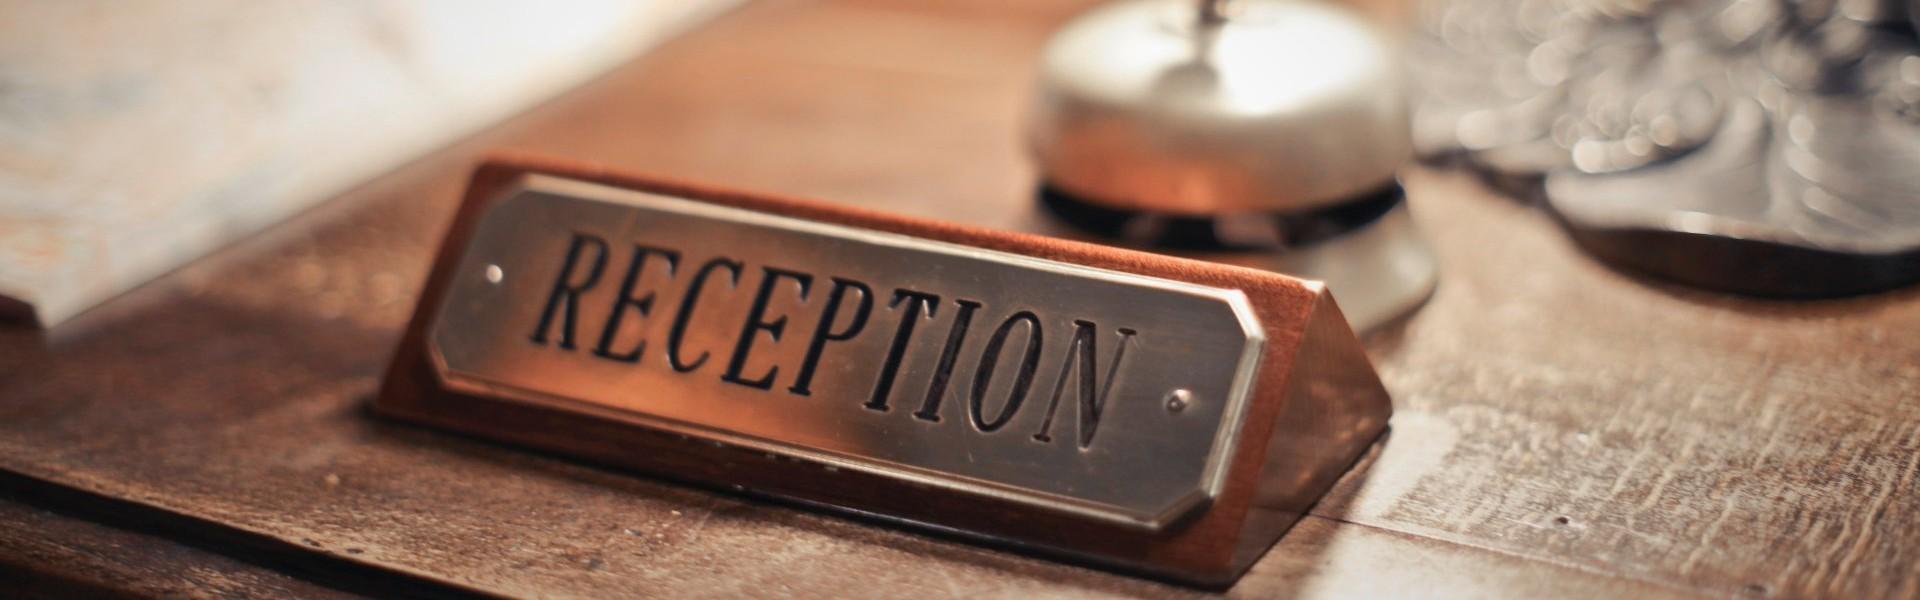 Header Reception